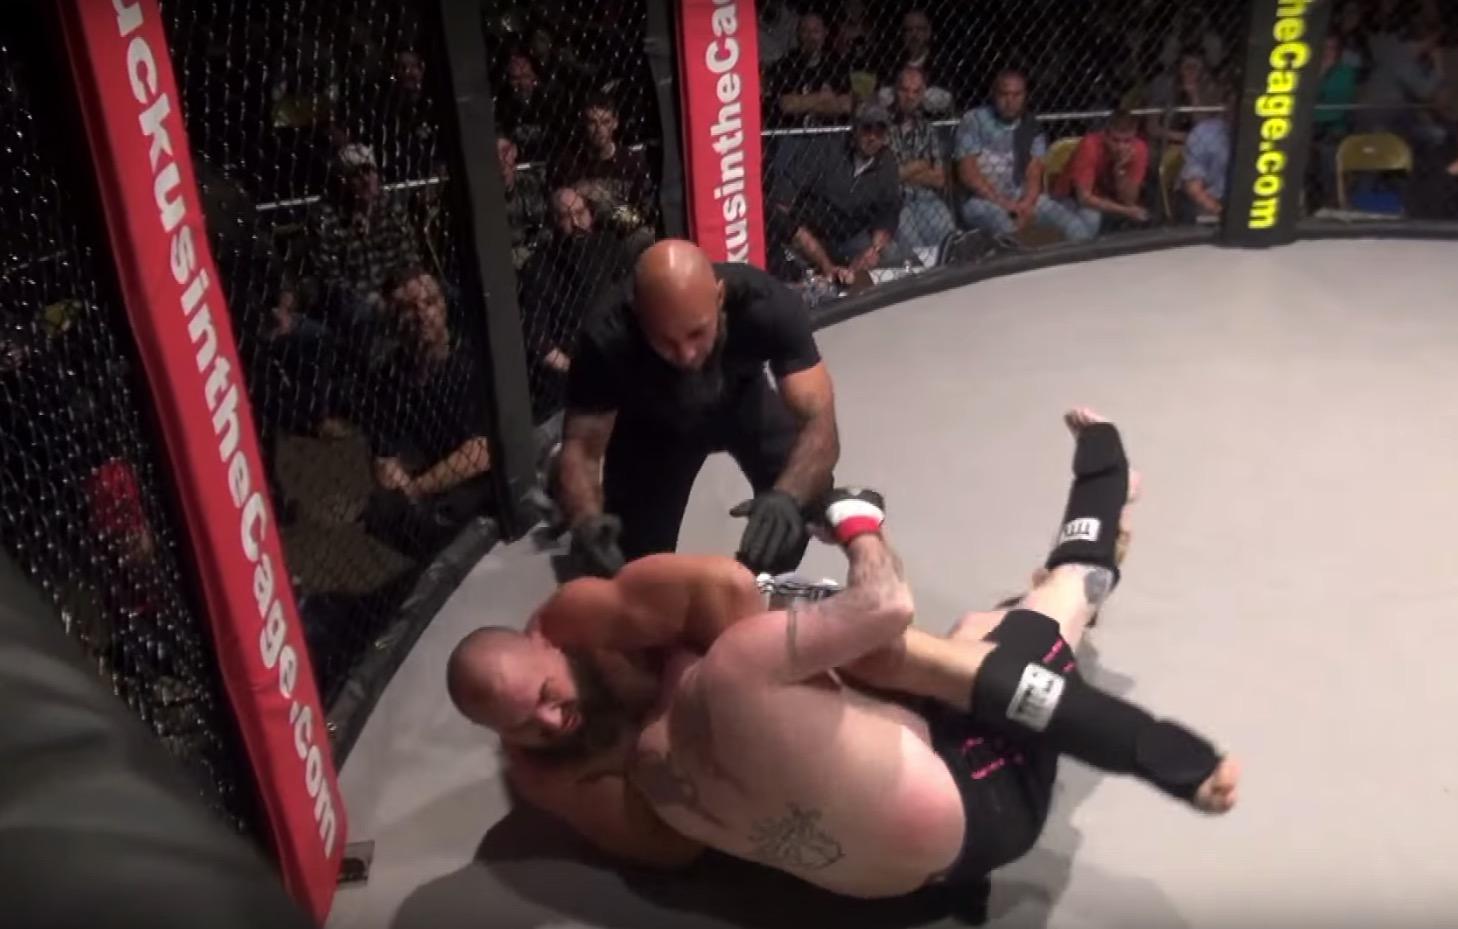 這名格鬥選手被對手鎖喉擊敗後全身鬆懈,他從褲子裡掉出的「恐怖炸彈」絕對會讓你馬上傻眼笑噴...